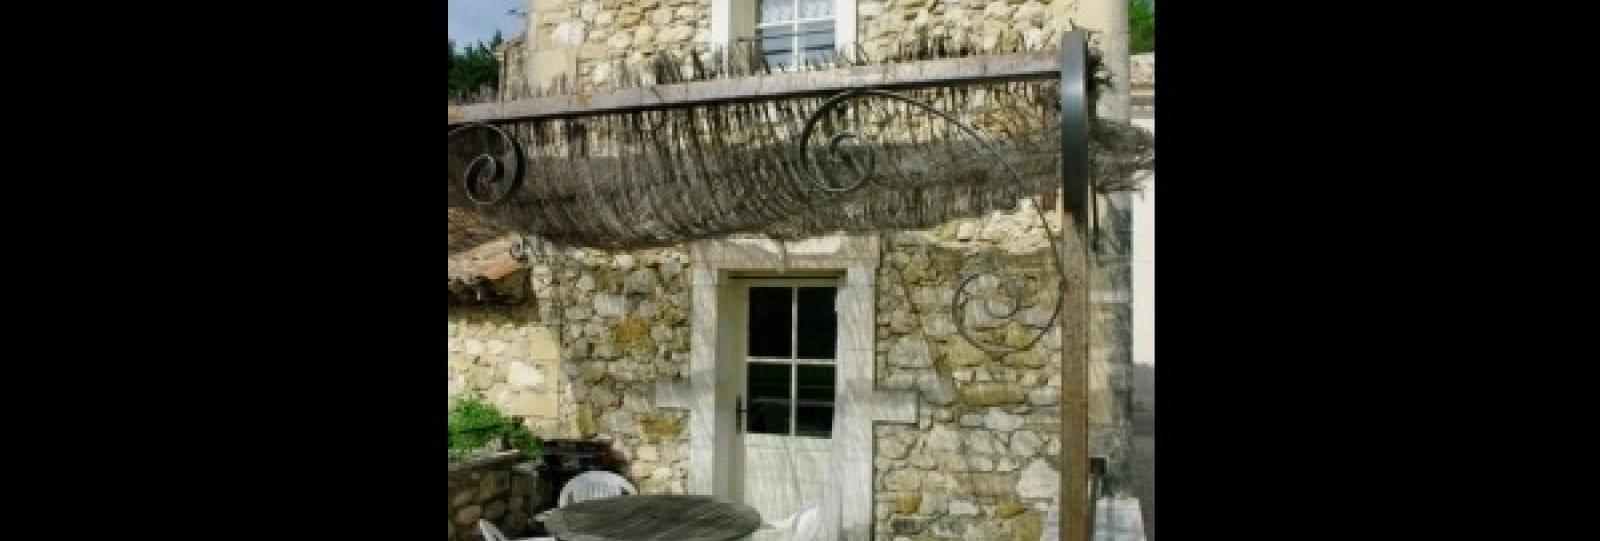 Entrée et terrasse